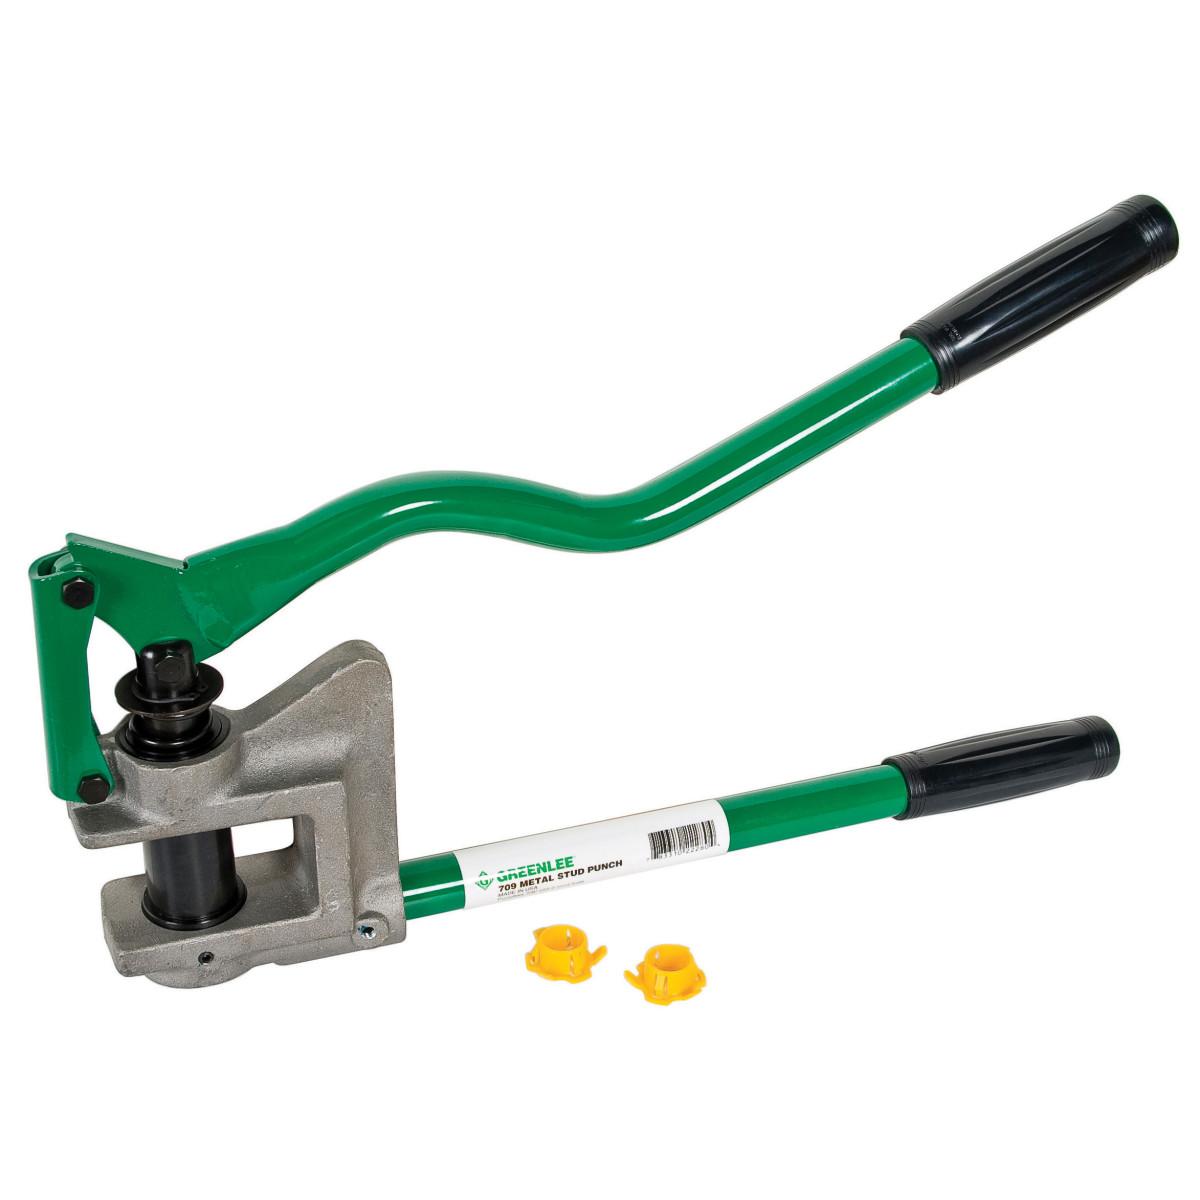 """Greenlee 709 Metal Stud Punch - 7/8"""" Diameter"""